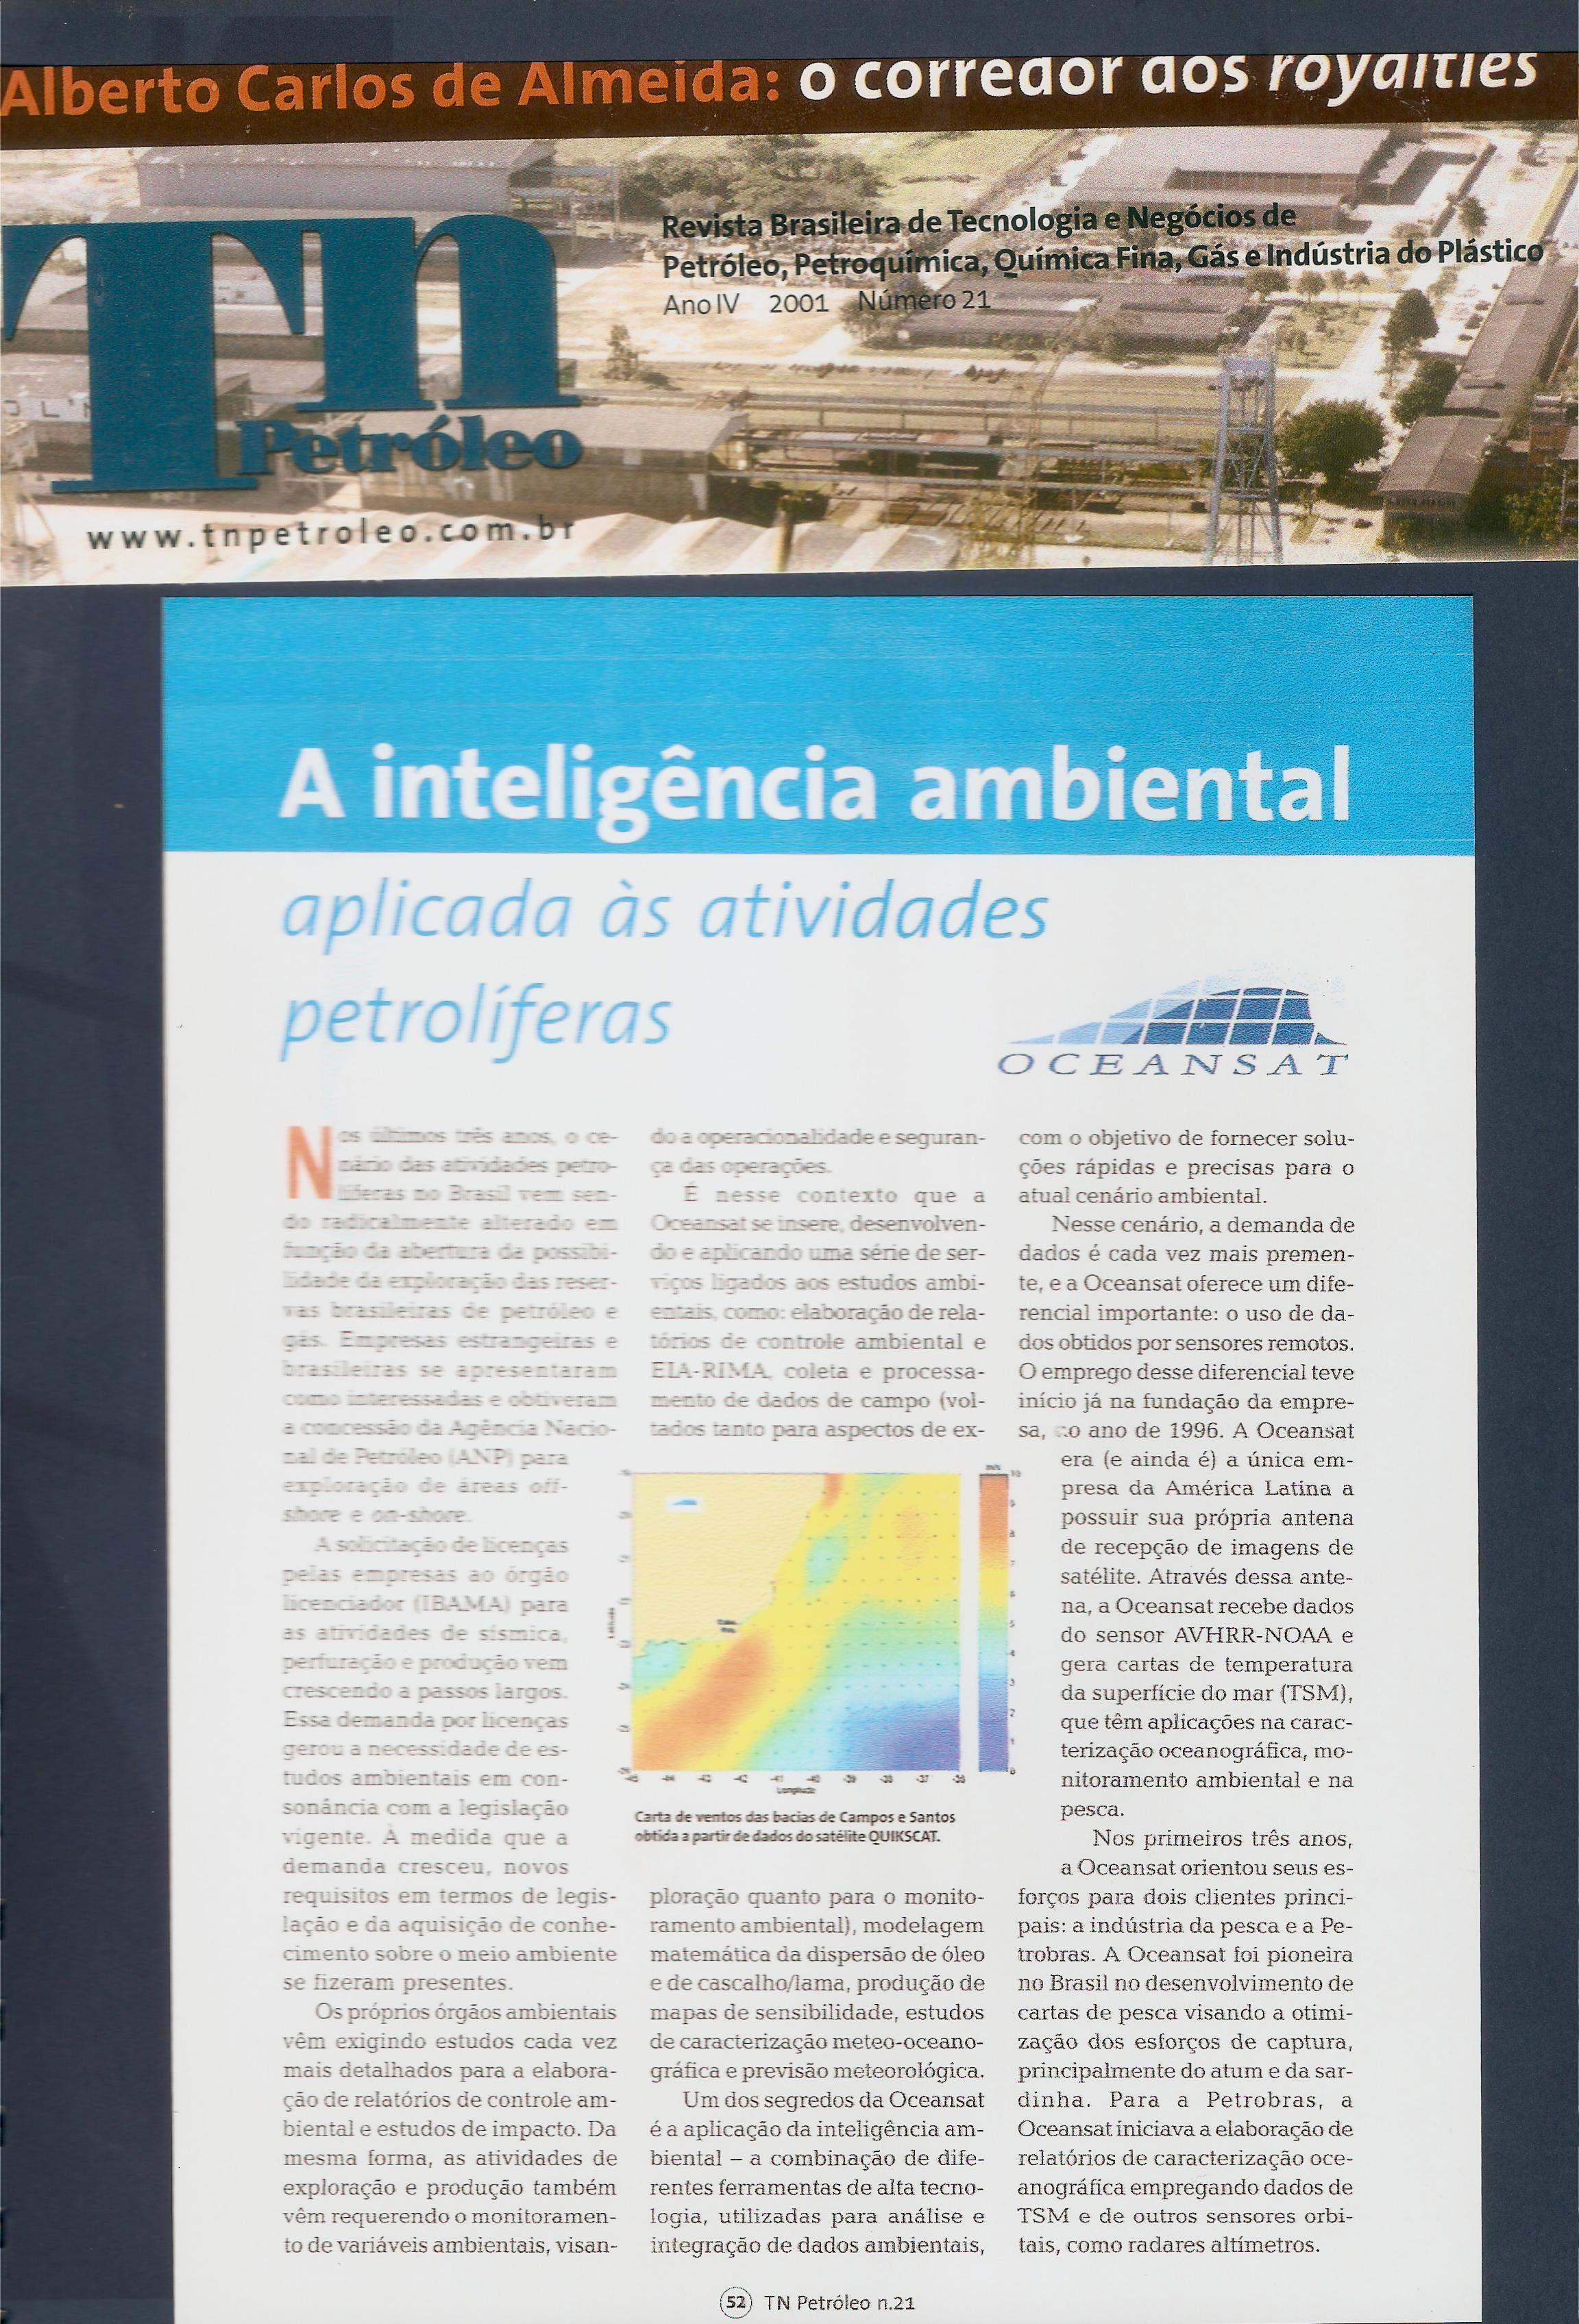 A inteligência ambiental aplicada às atividades petrolíferas